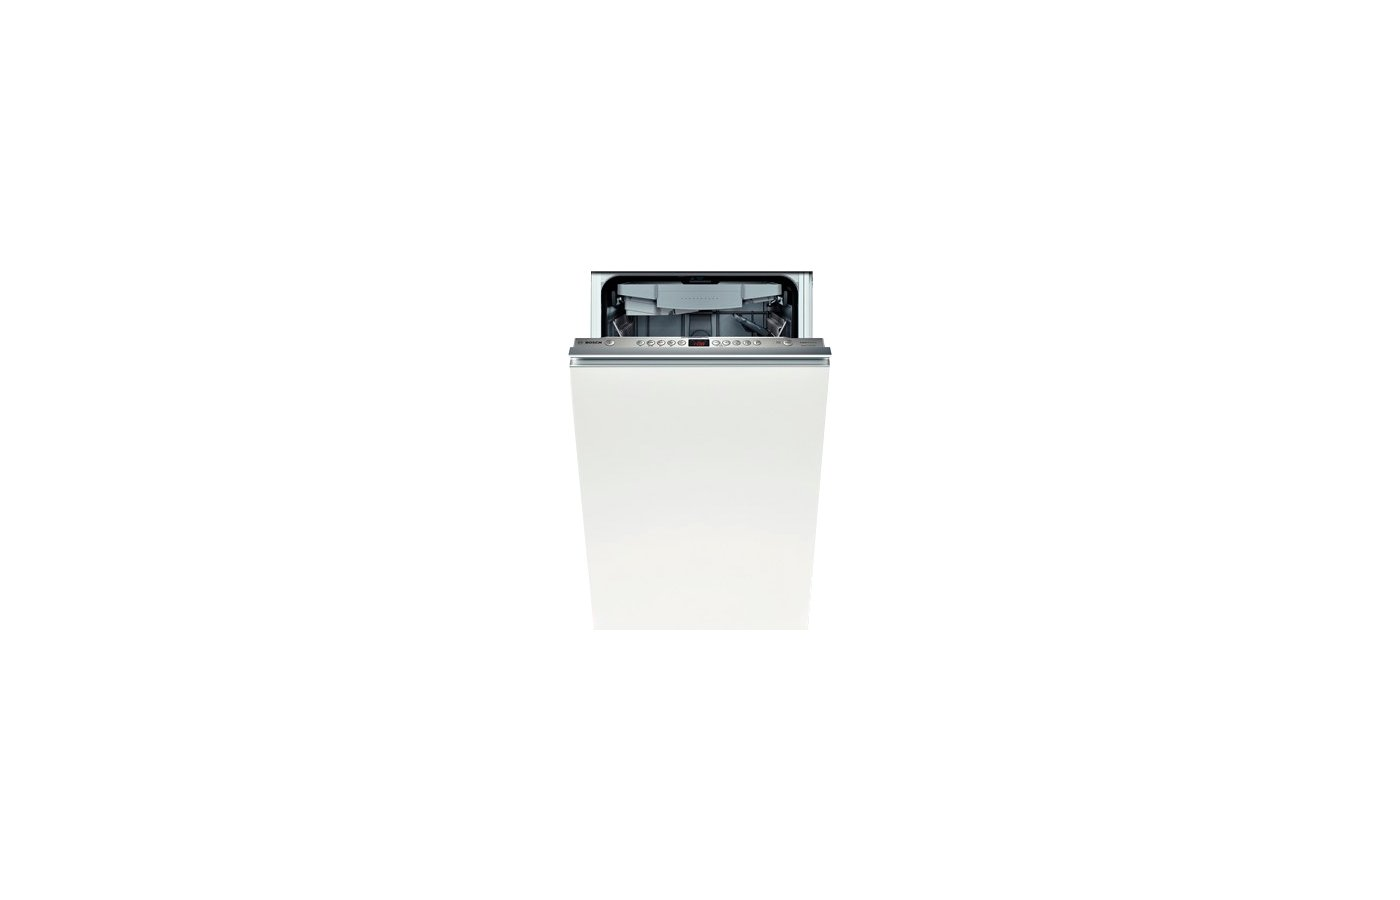 Встраиваемая посудомоечная машина BOSCH SPV 58M50RU